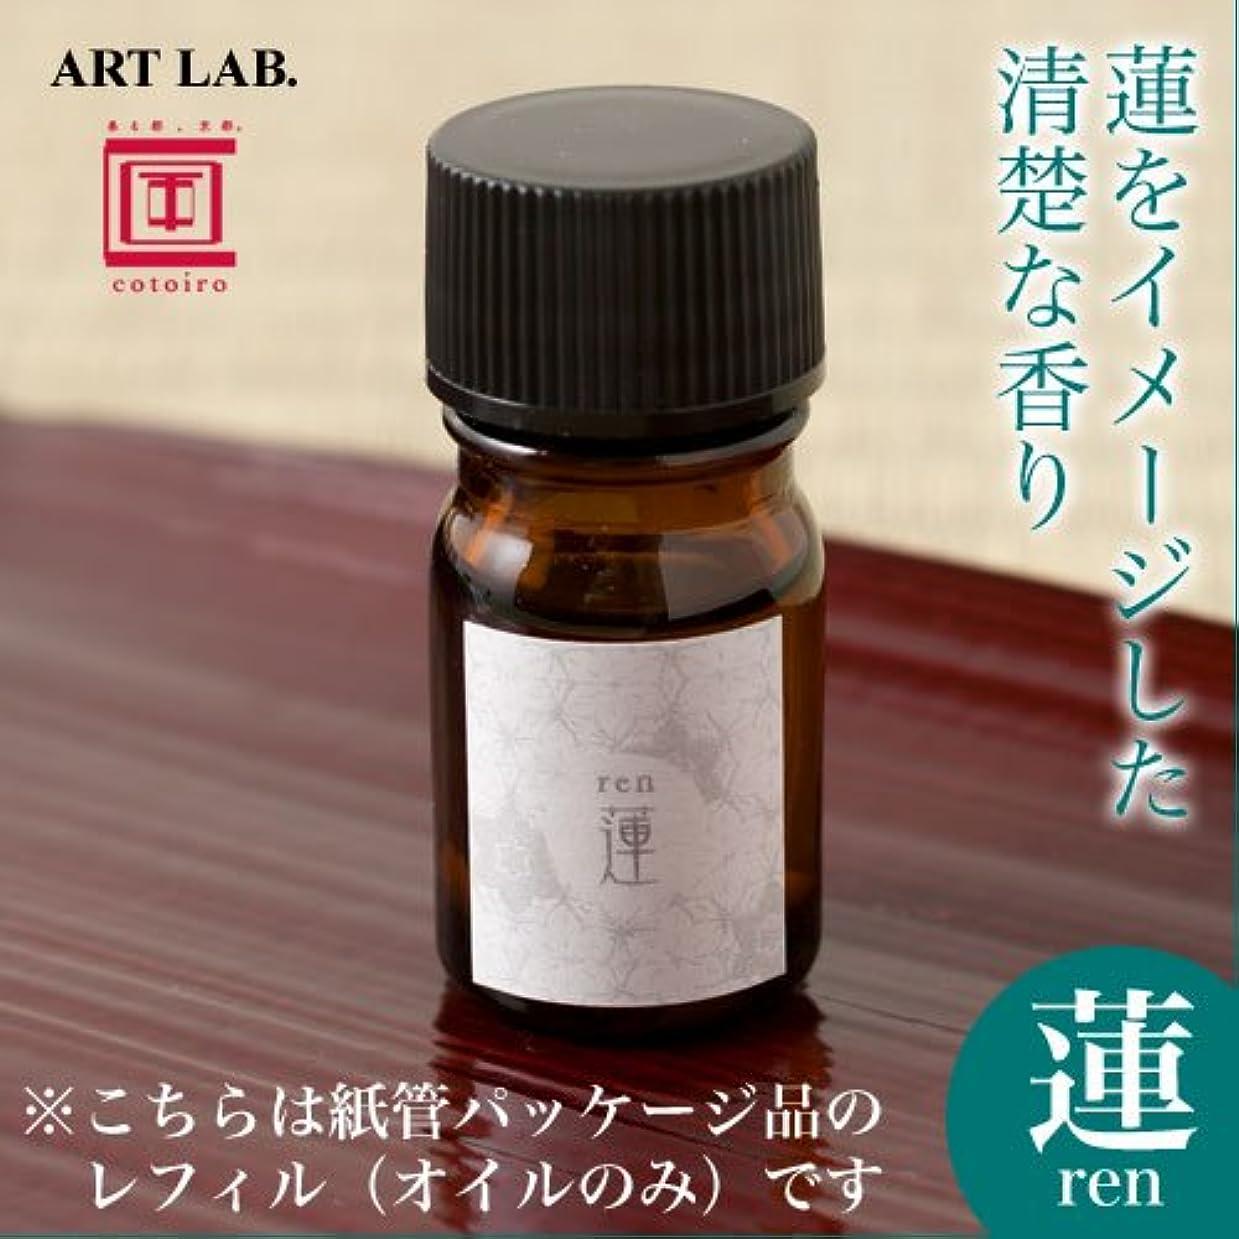 クリーナー別の含意ART LAB cotoiro香油蓮 renレフィル